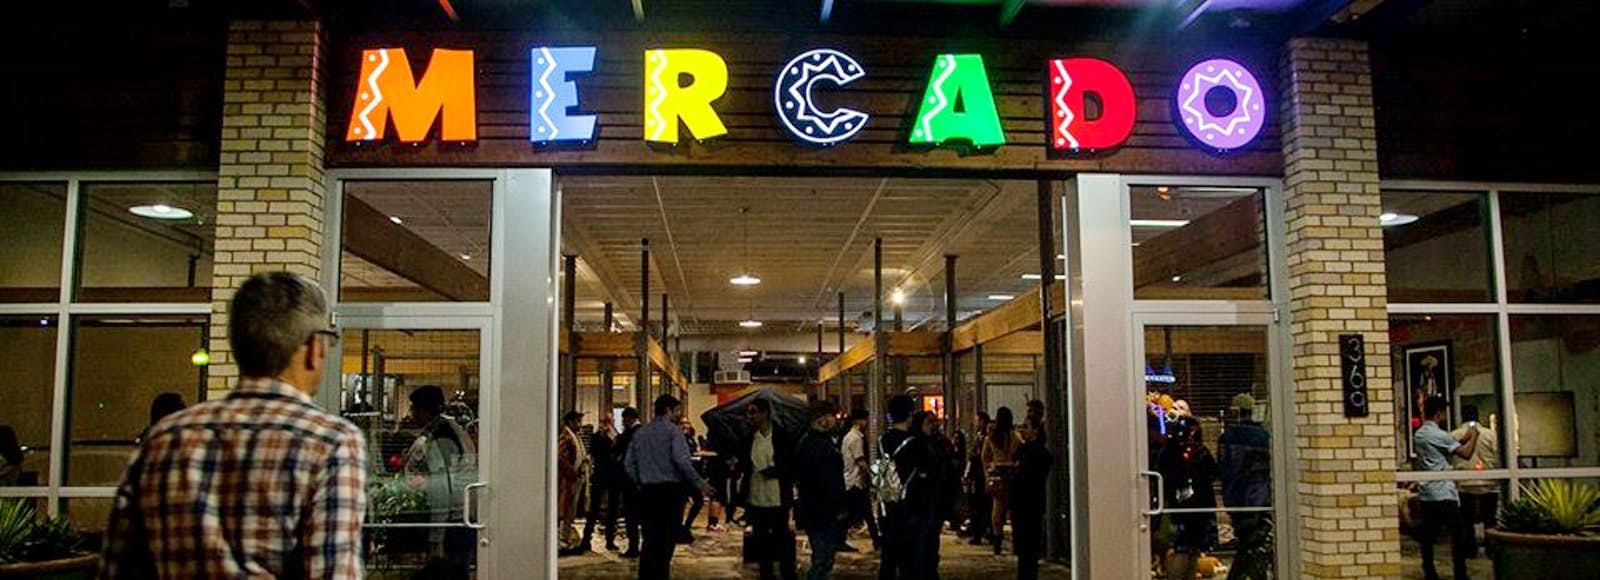 Mercado 369, em Dallas, merece uma visita